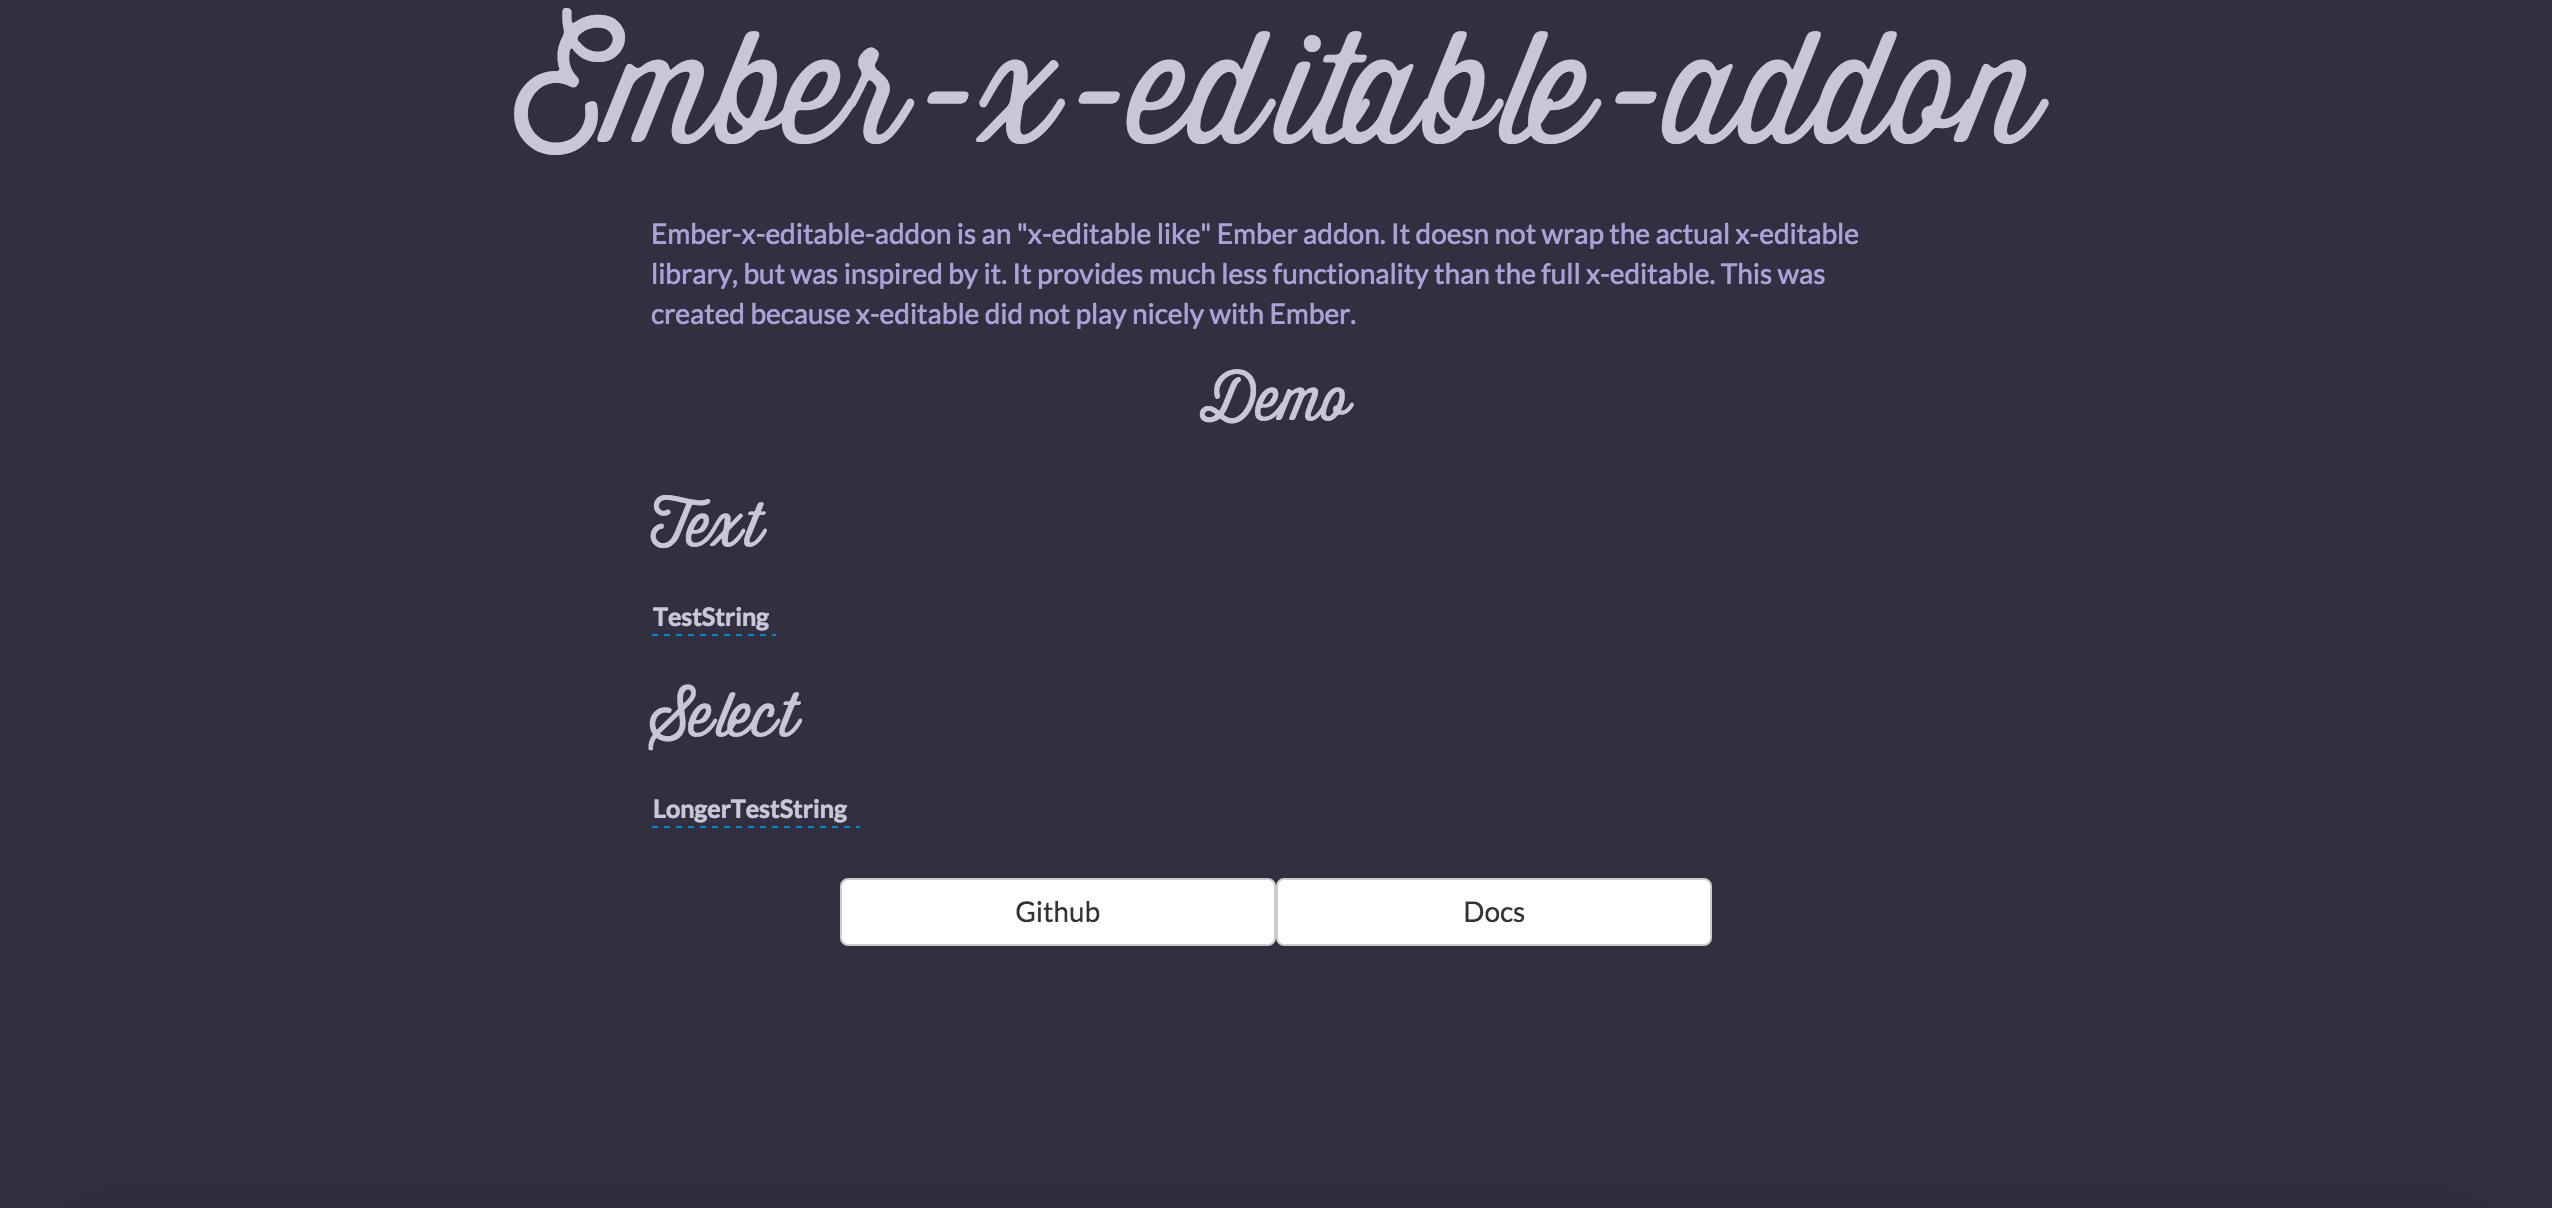 Ember-x-editable demo